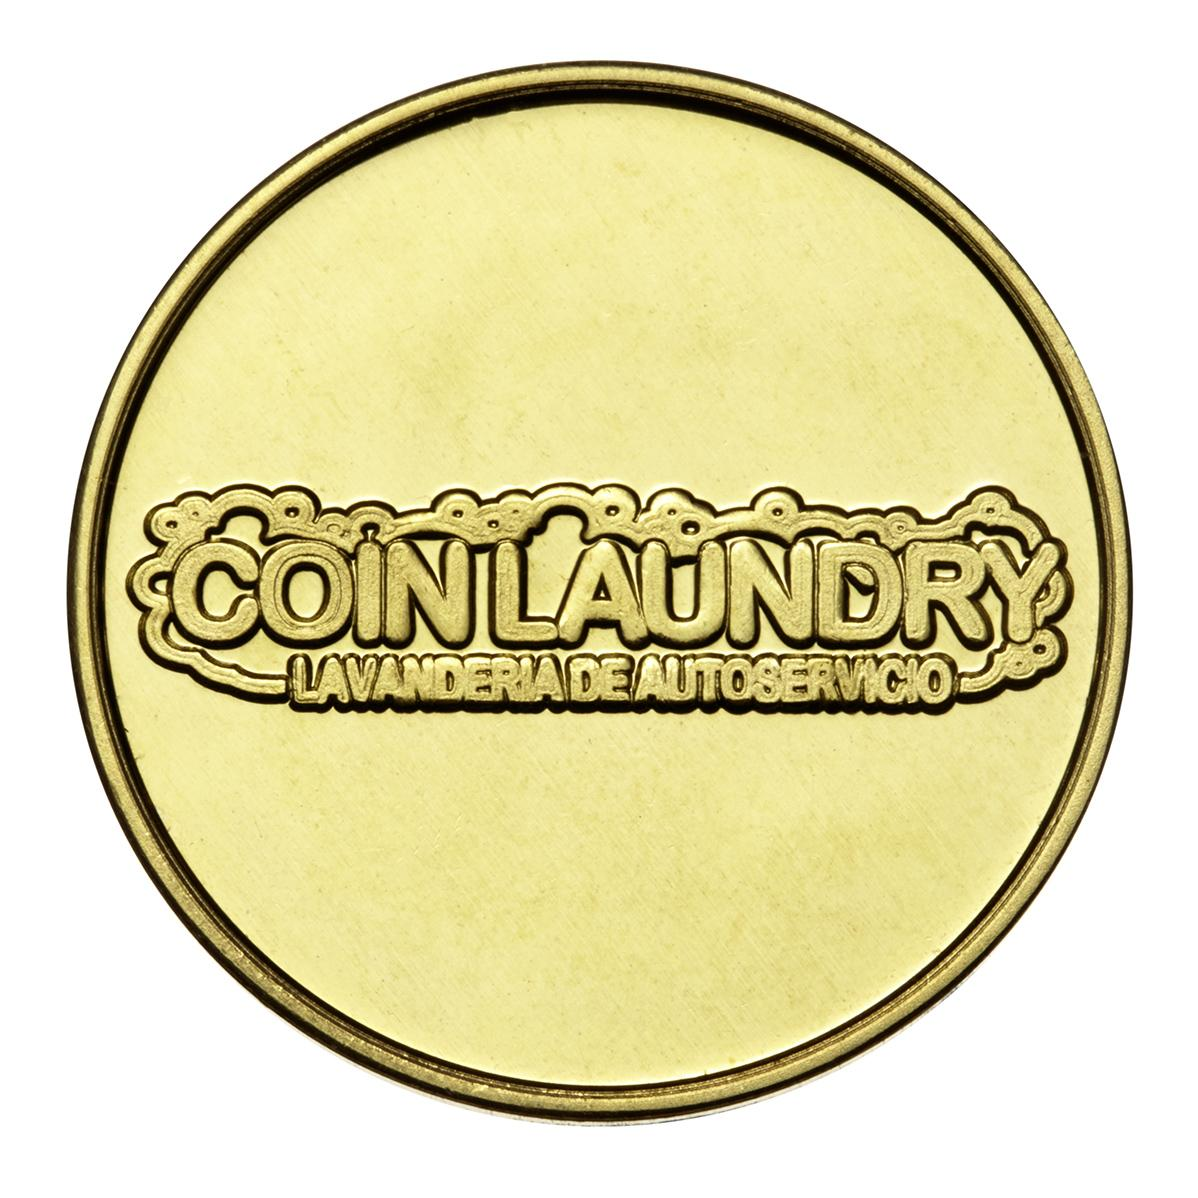 Coin Laundry token